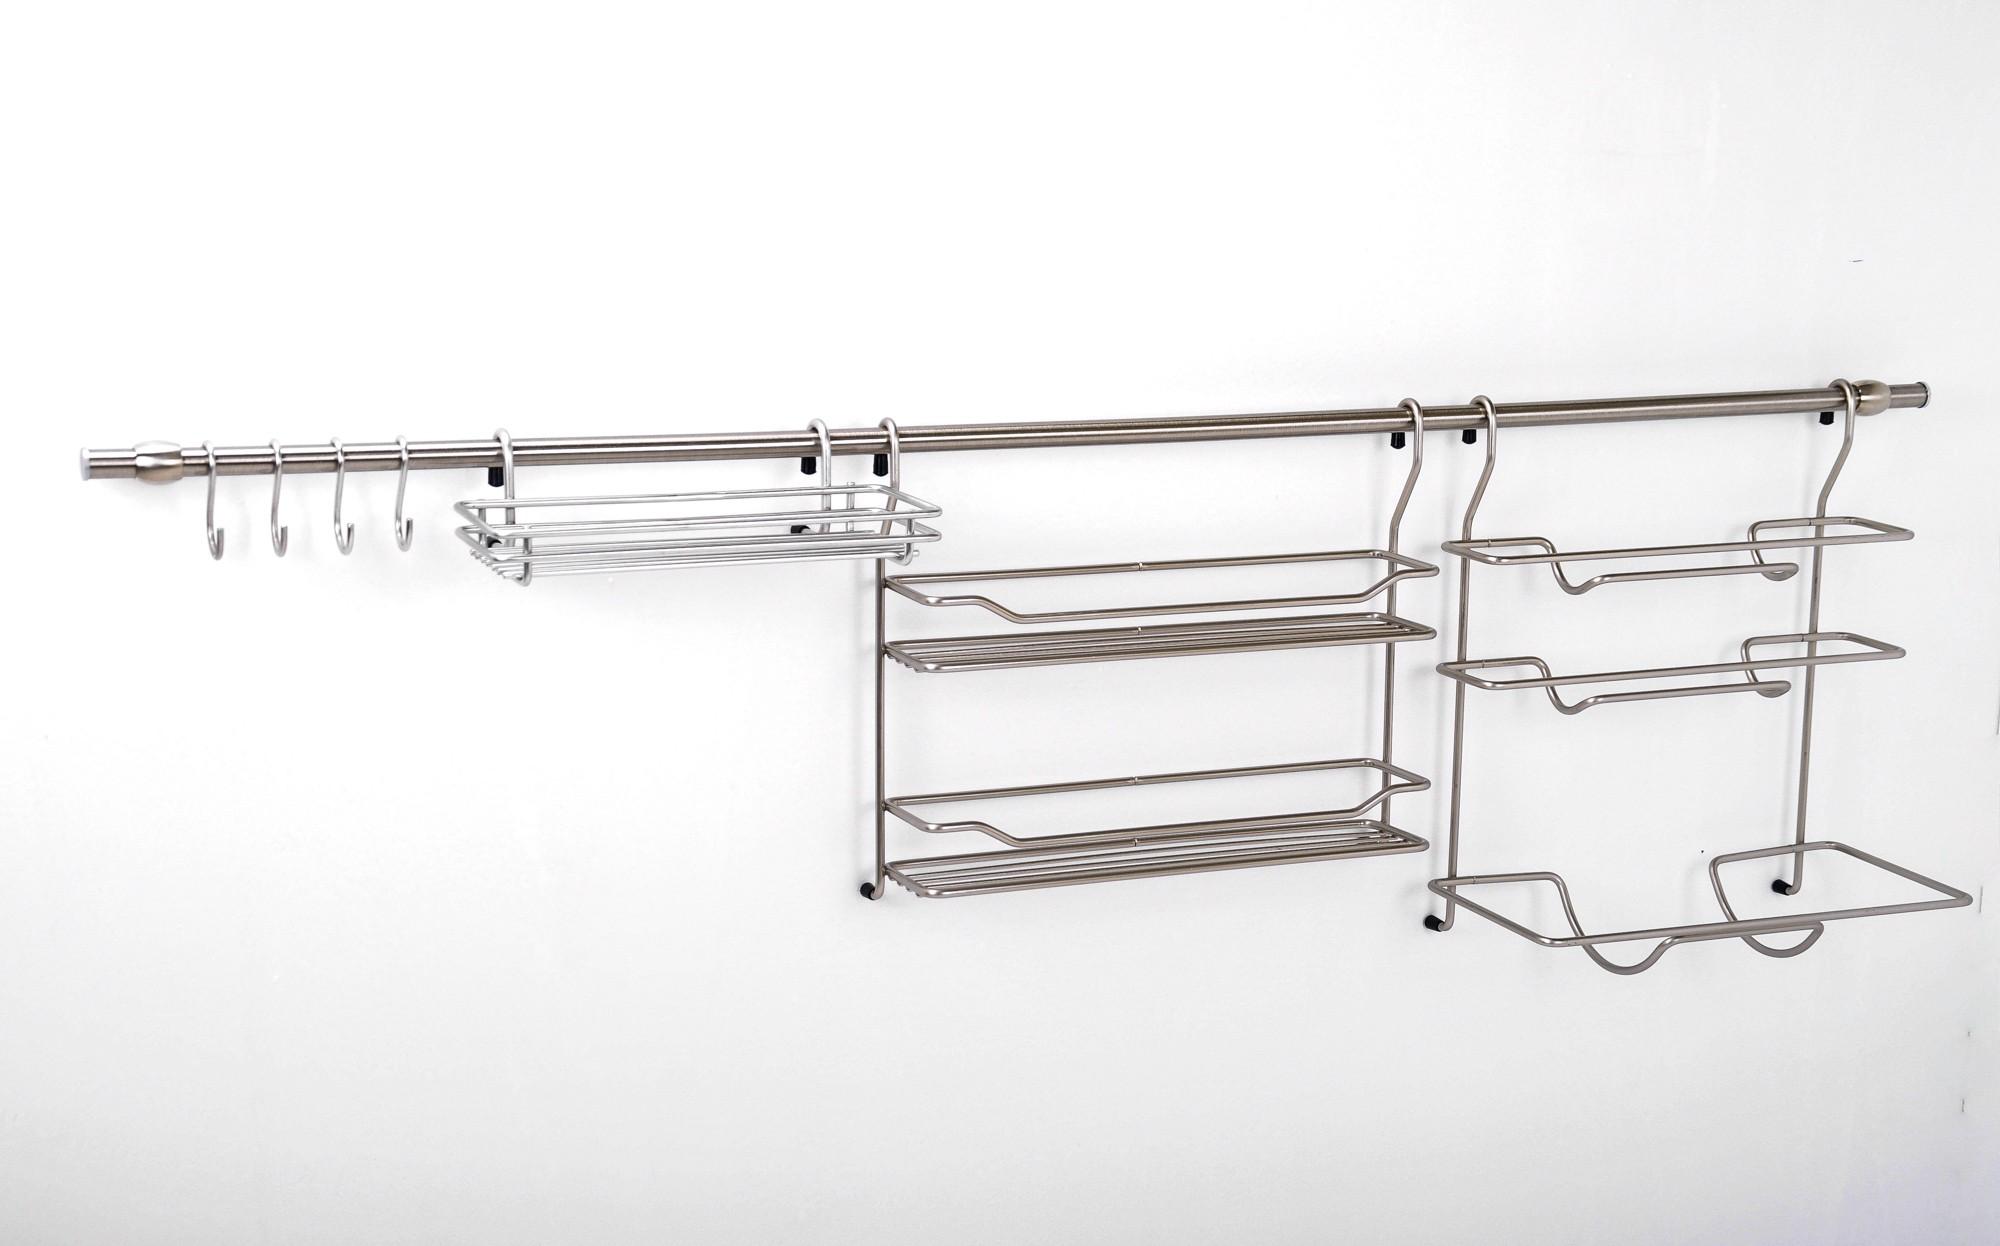 wesco relingsystem edelstahl k chenreling k chenrollenhalter leiste regal ablage ebay. Black Bedroom Furniture Sets. Home Design Ideas